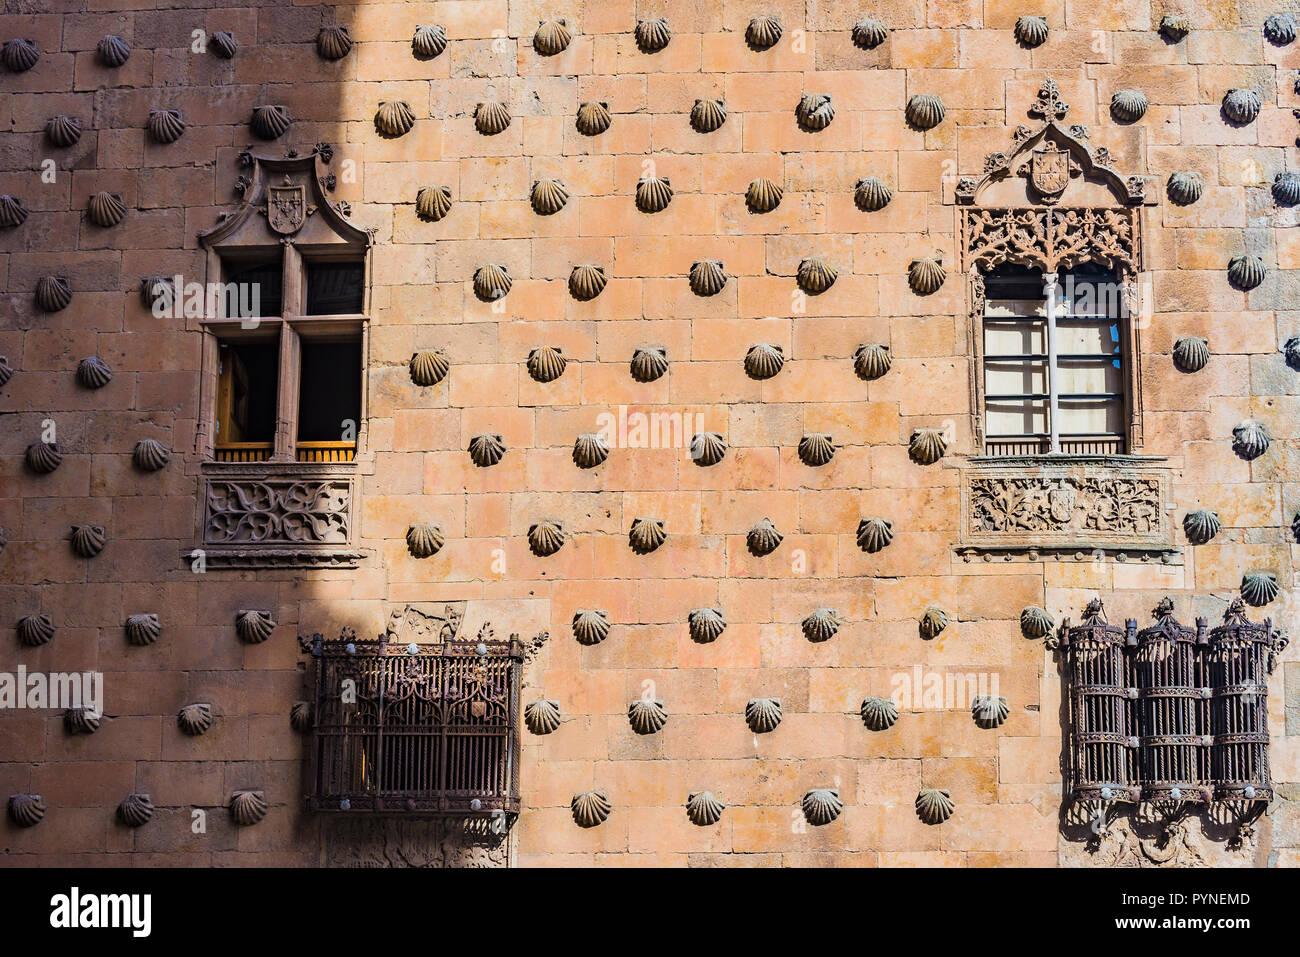 Dettaglio Finestre In Stile Gotico La Casa De Las Conchas è Un